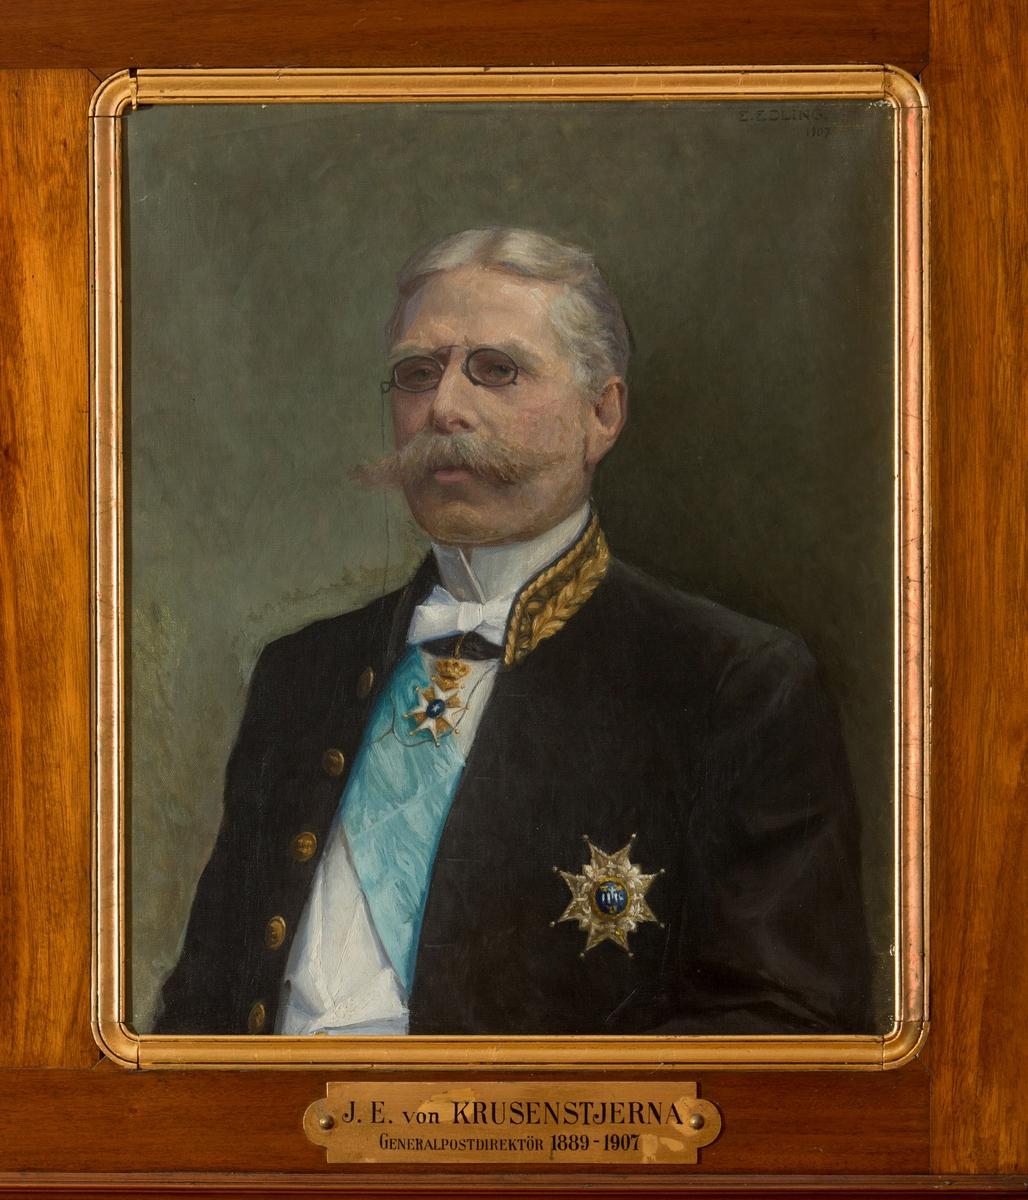 """Porträtt i olja av generalpostdirektör J.E. von Krusenstjerna.  En mässingsskylt med text: """"J.E. von Krusenstjerna, Generalpostdirektör 1889-1907"""" hör till. Duken är fäst på en plåt."""